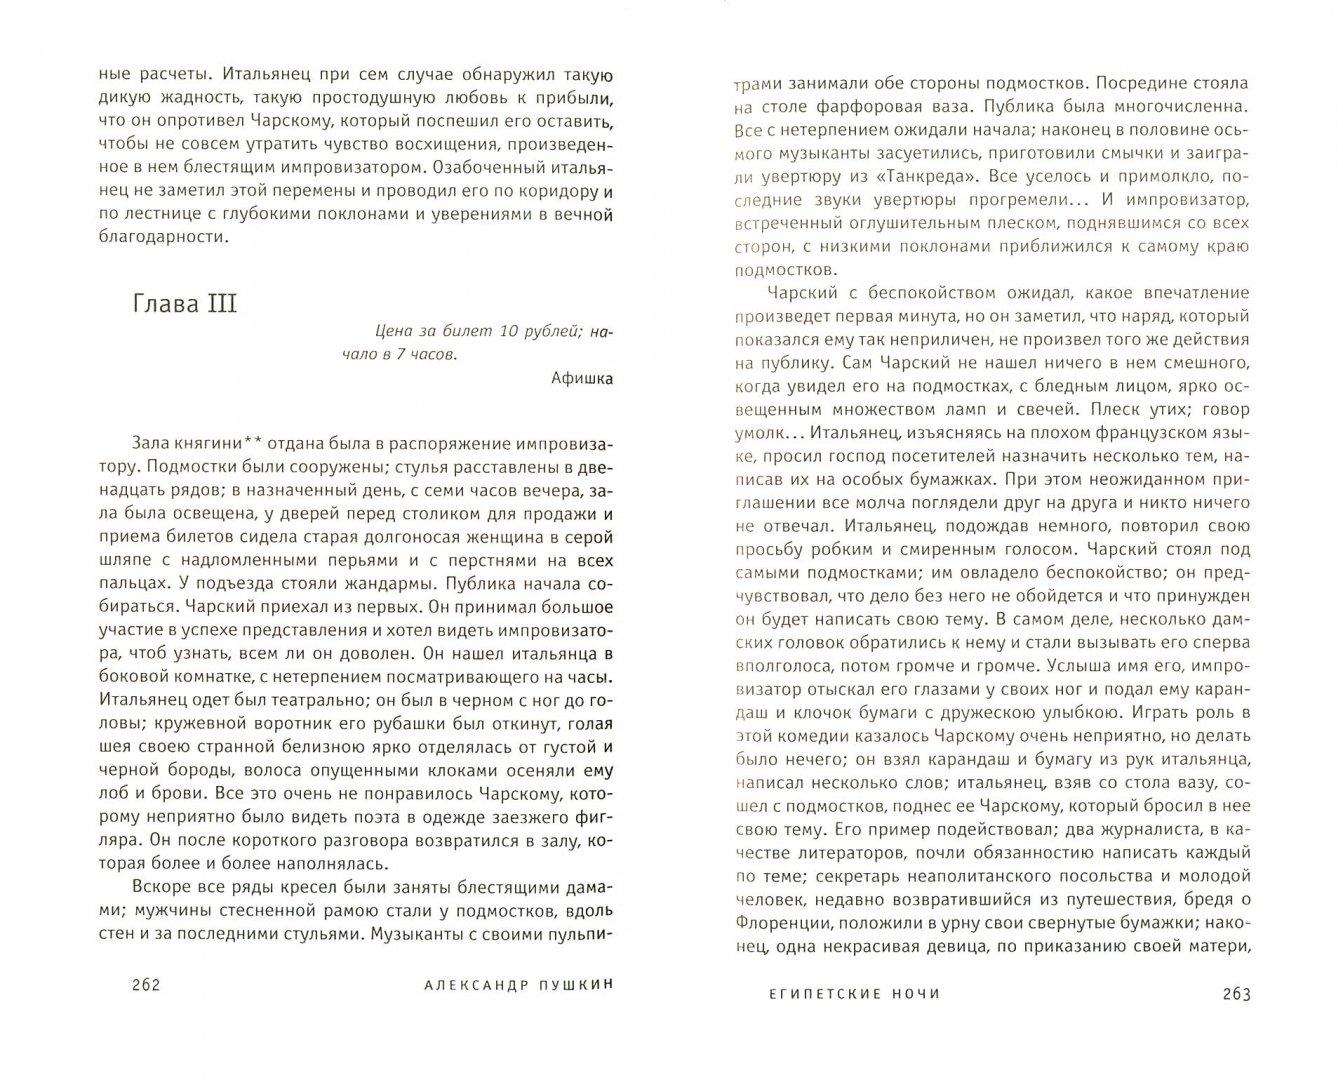 Иллюстрация 1 из 29 для Капитанская дочка - Александр Пушкин | Лабиринт - книги. Источник: Лабиринт